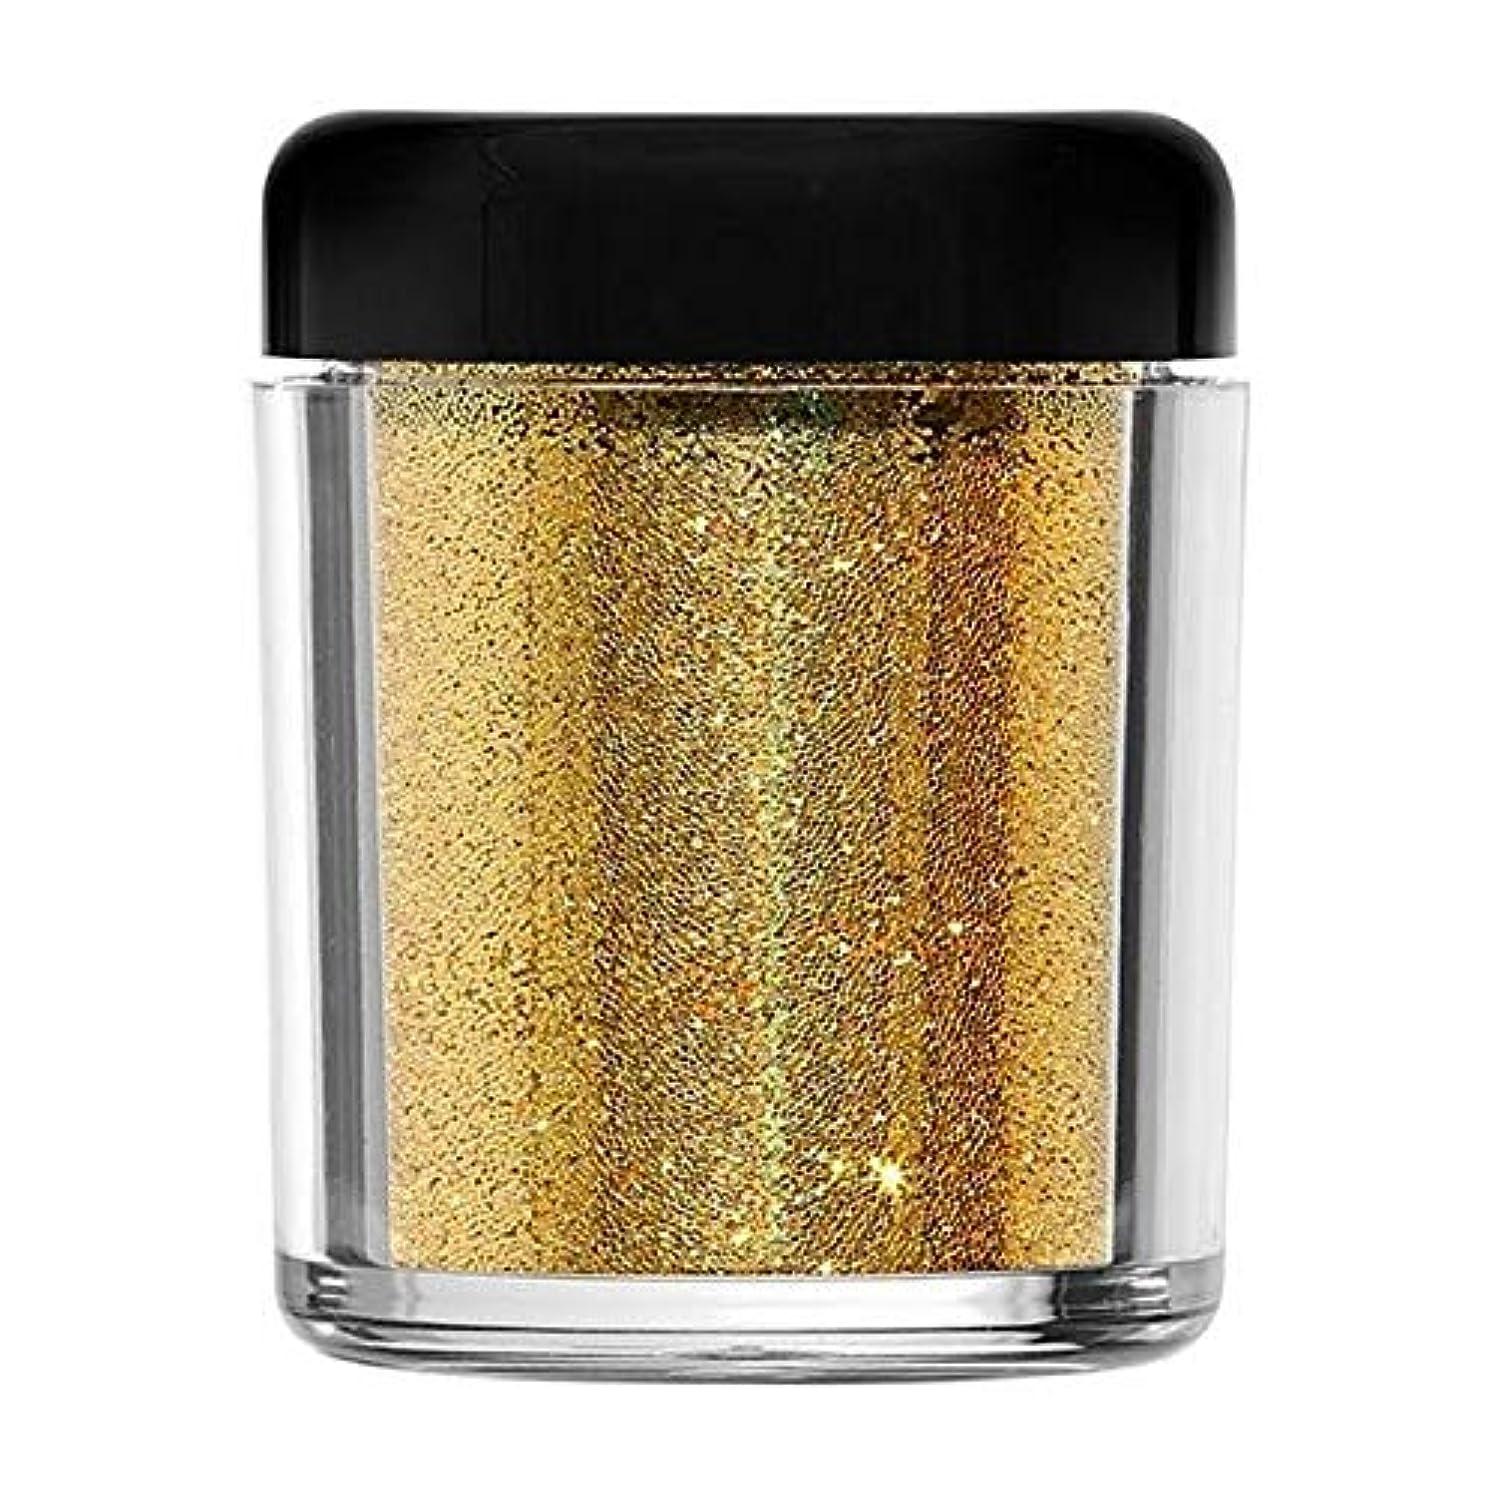 インド反論者六月[Barry M ] バリーメートルのグリッターラッシュボディの輝き - 火の玉 - Barry M Glitter Rush Body Glitter - Fireball [並行輸入品]